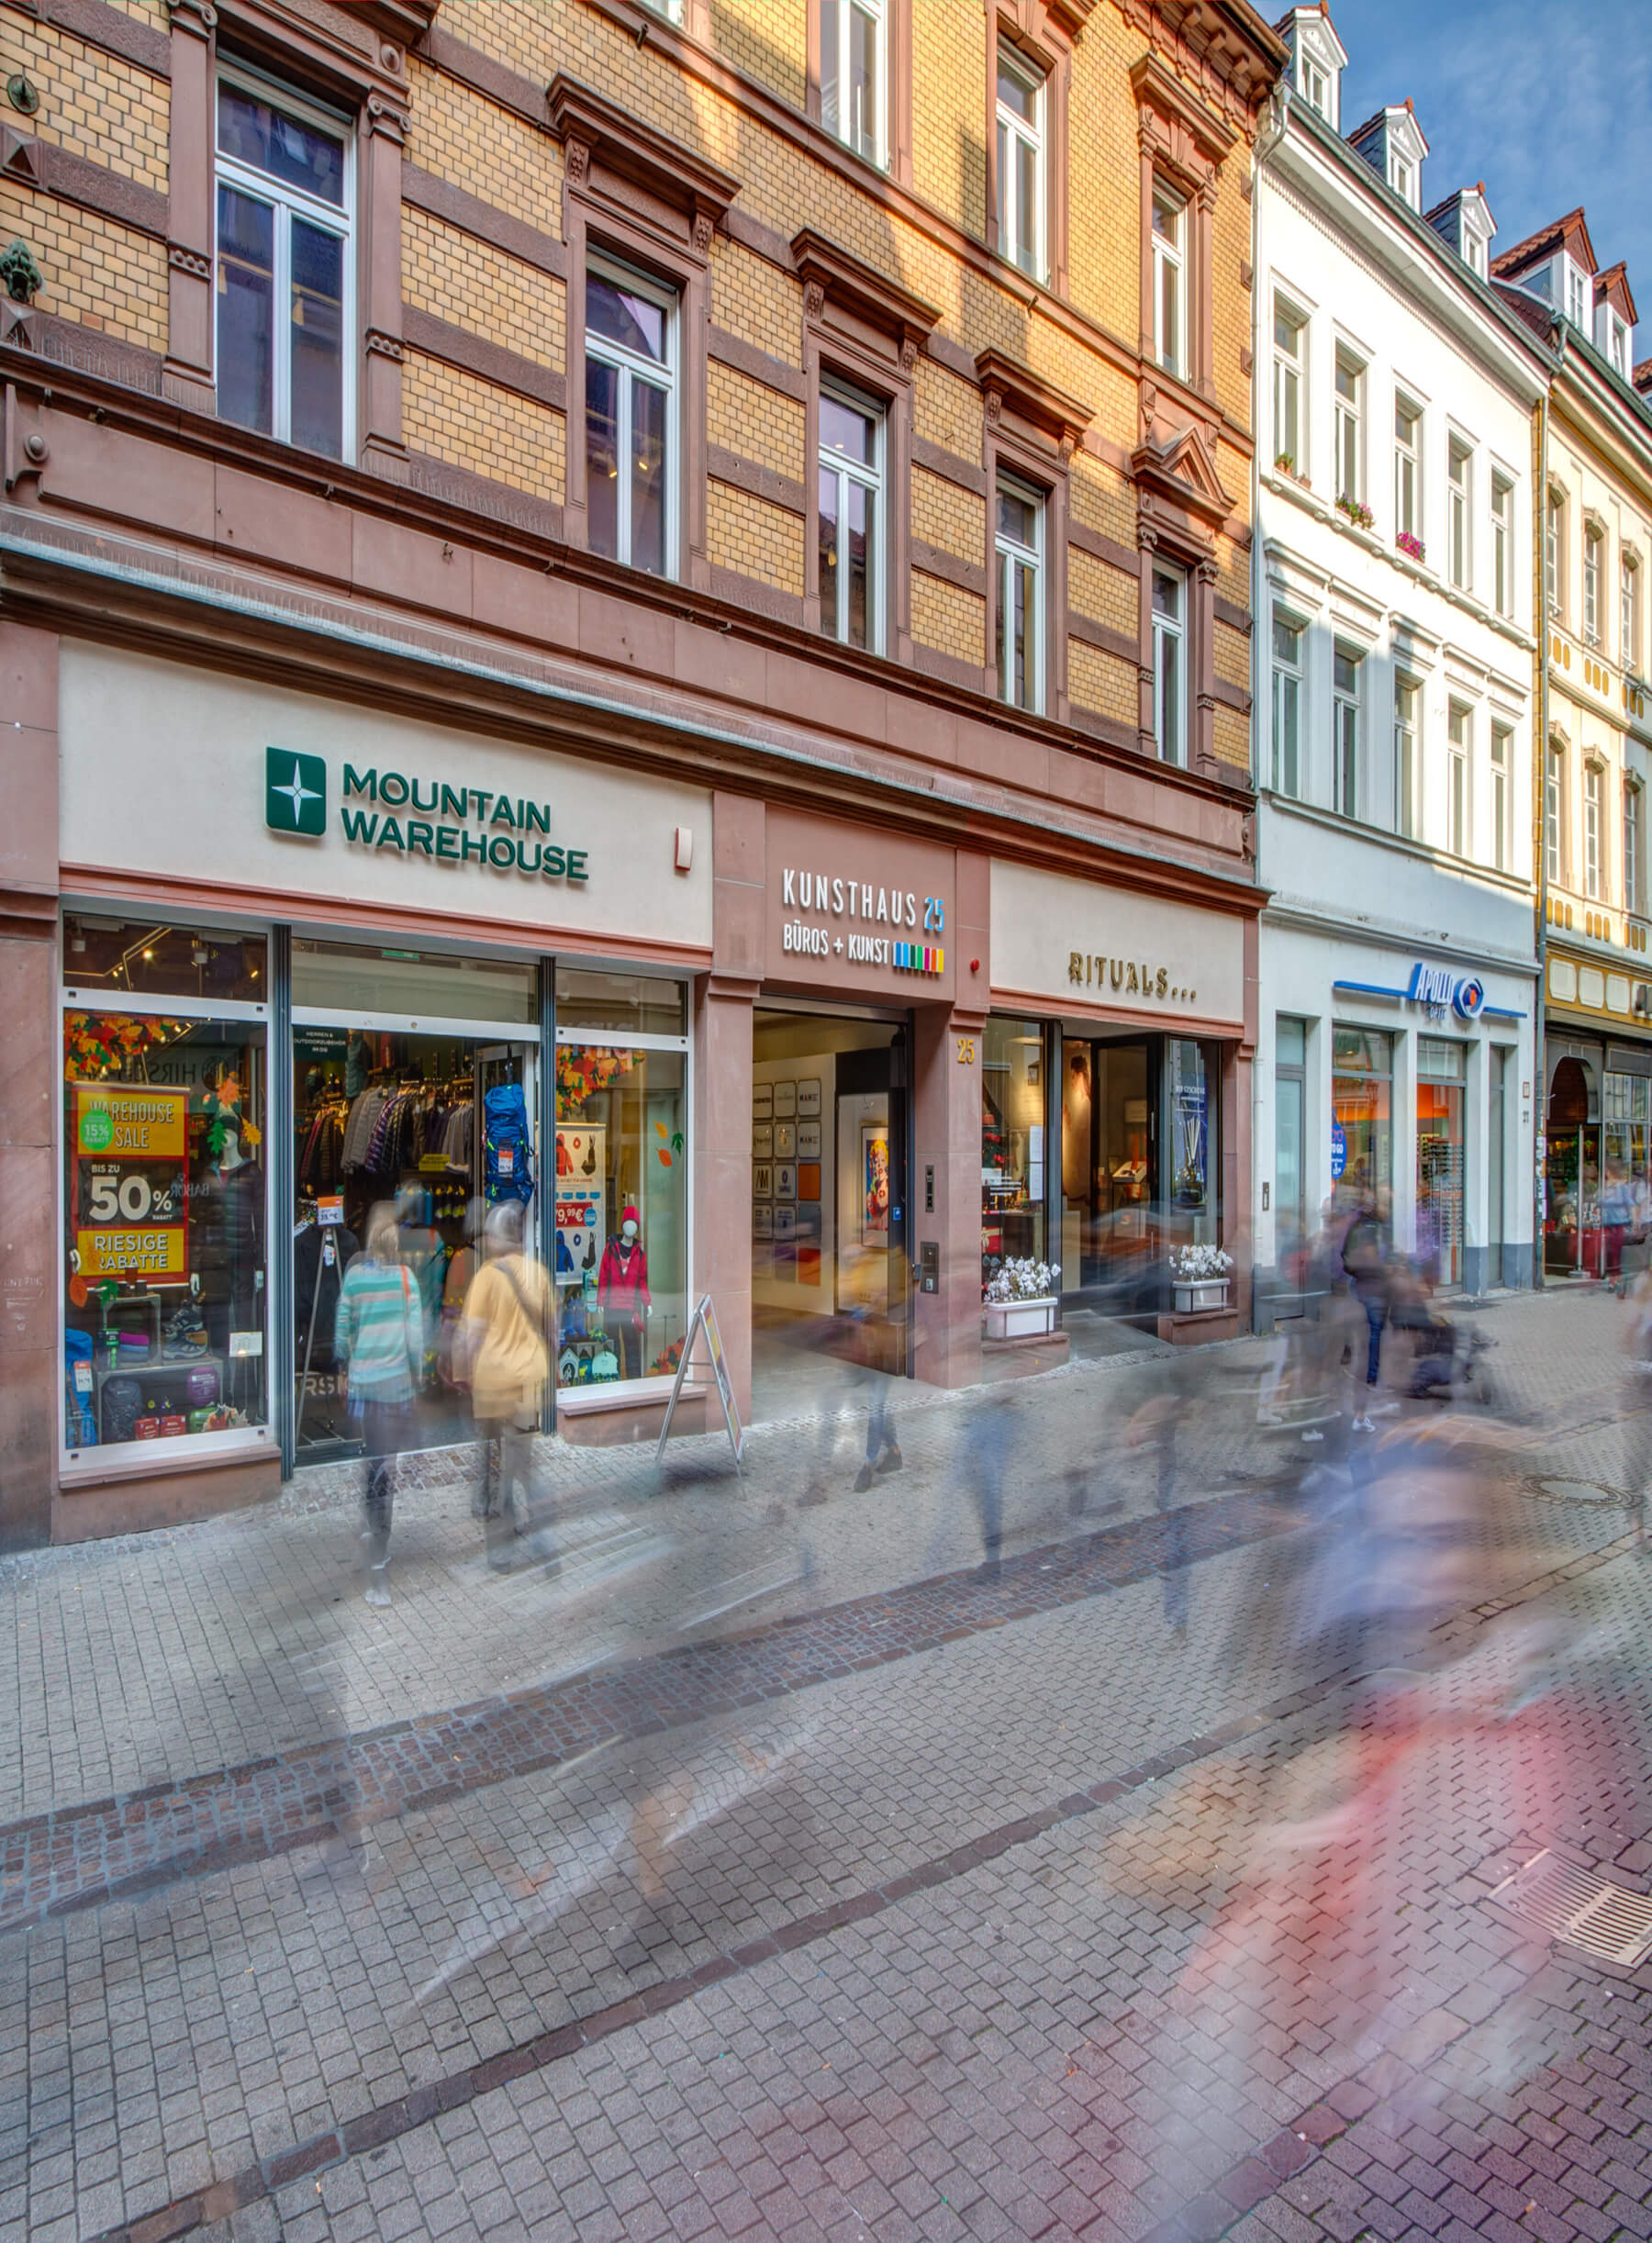 Blick Eingang Kunsthaus 25 von der Hauptstraße 25 in Heidelberg